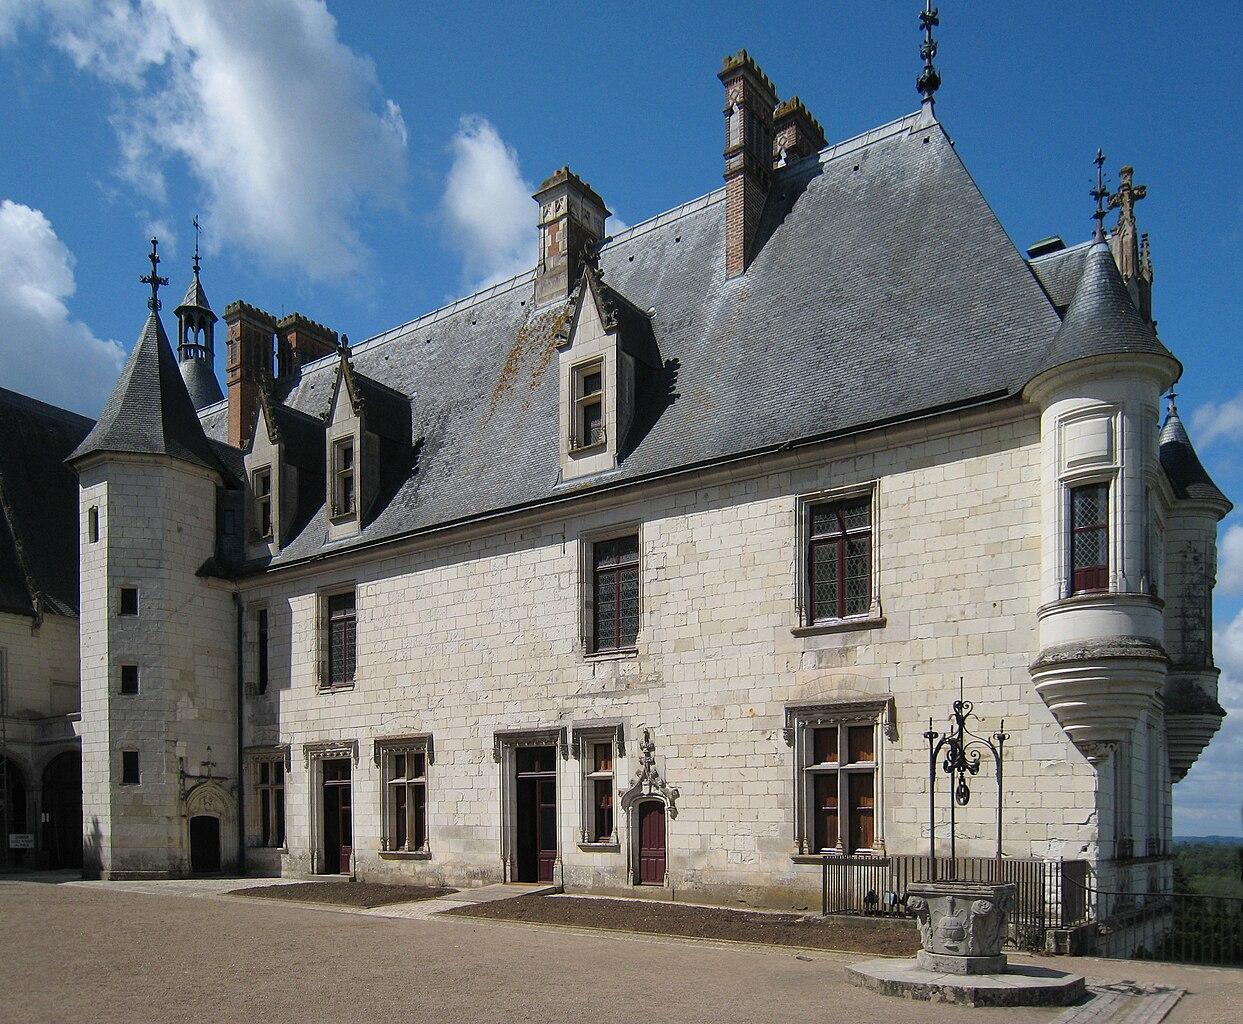 Le fresne sur loire ch teau de la fresnaie medieval for Pays de chaumont